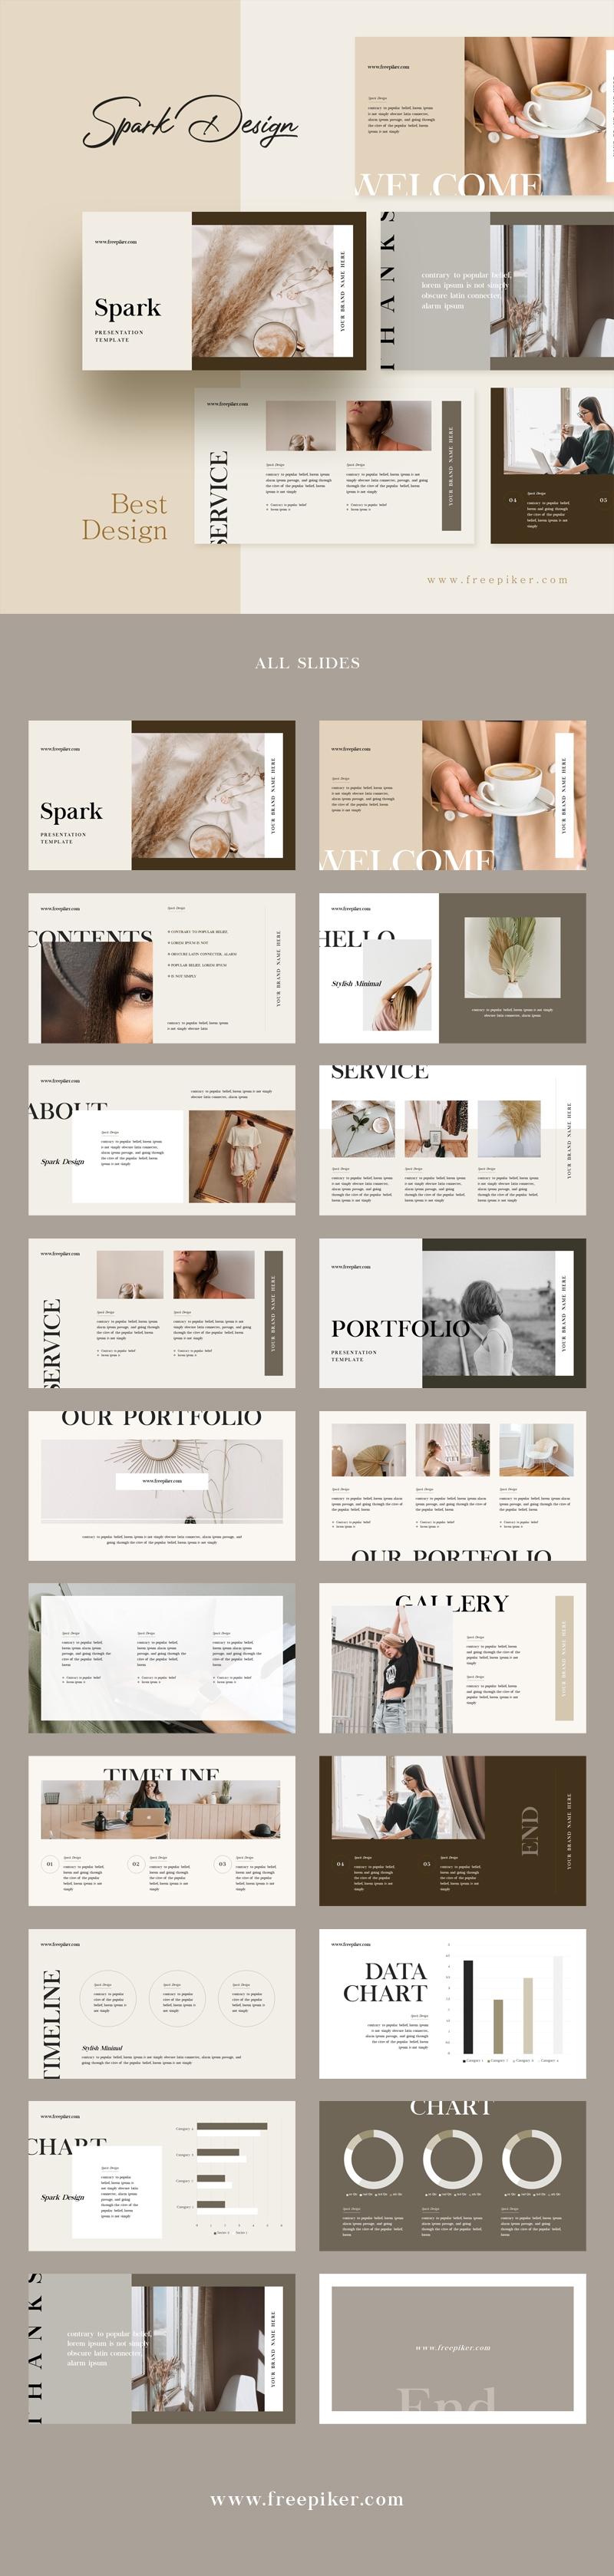 Spark PowerPoint